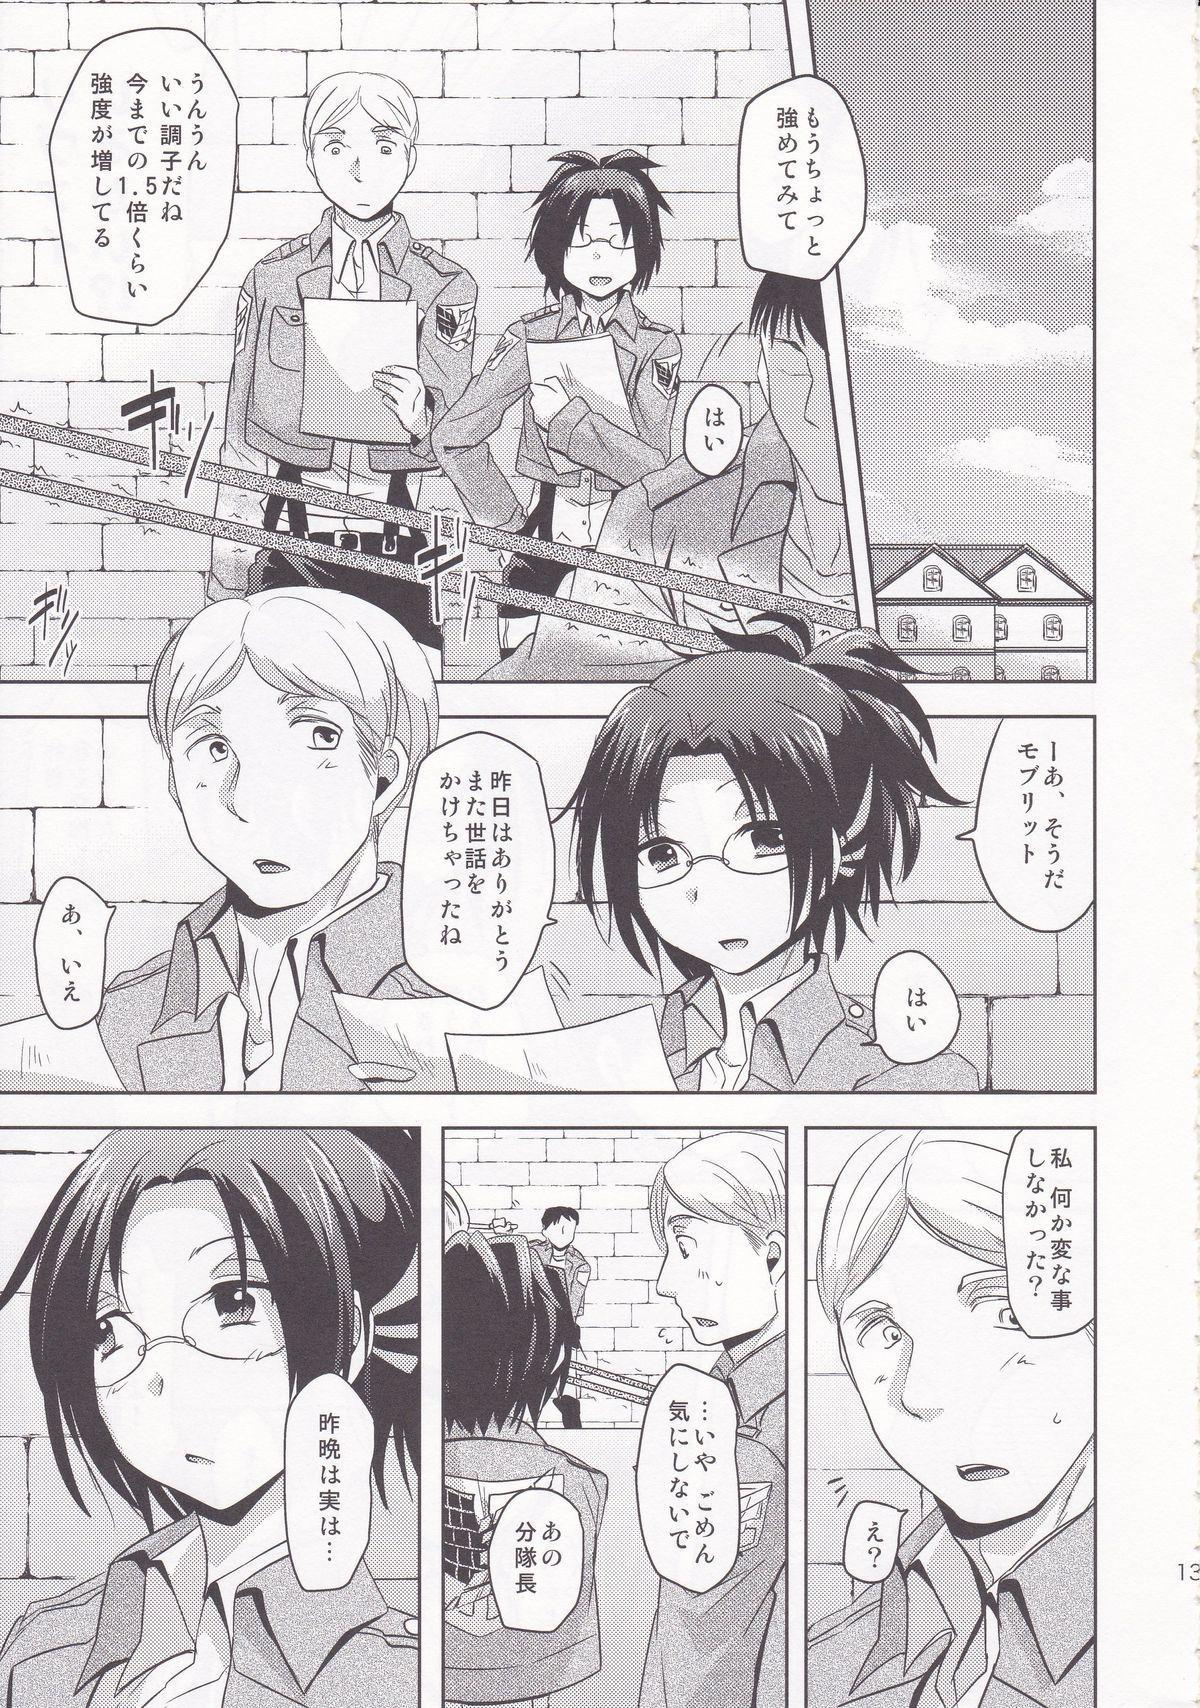 Shikkari shite kudasai Buntaichou. 12